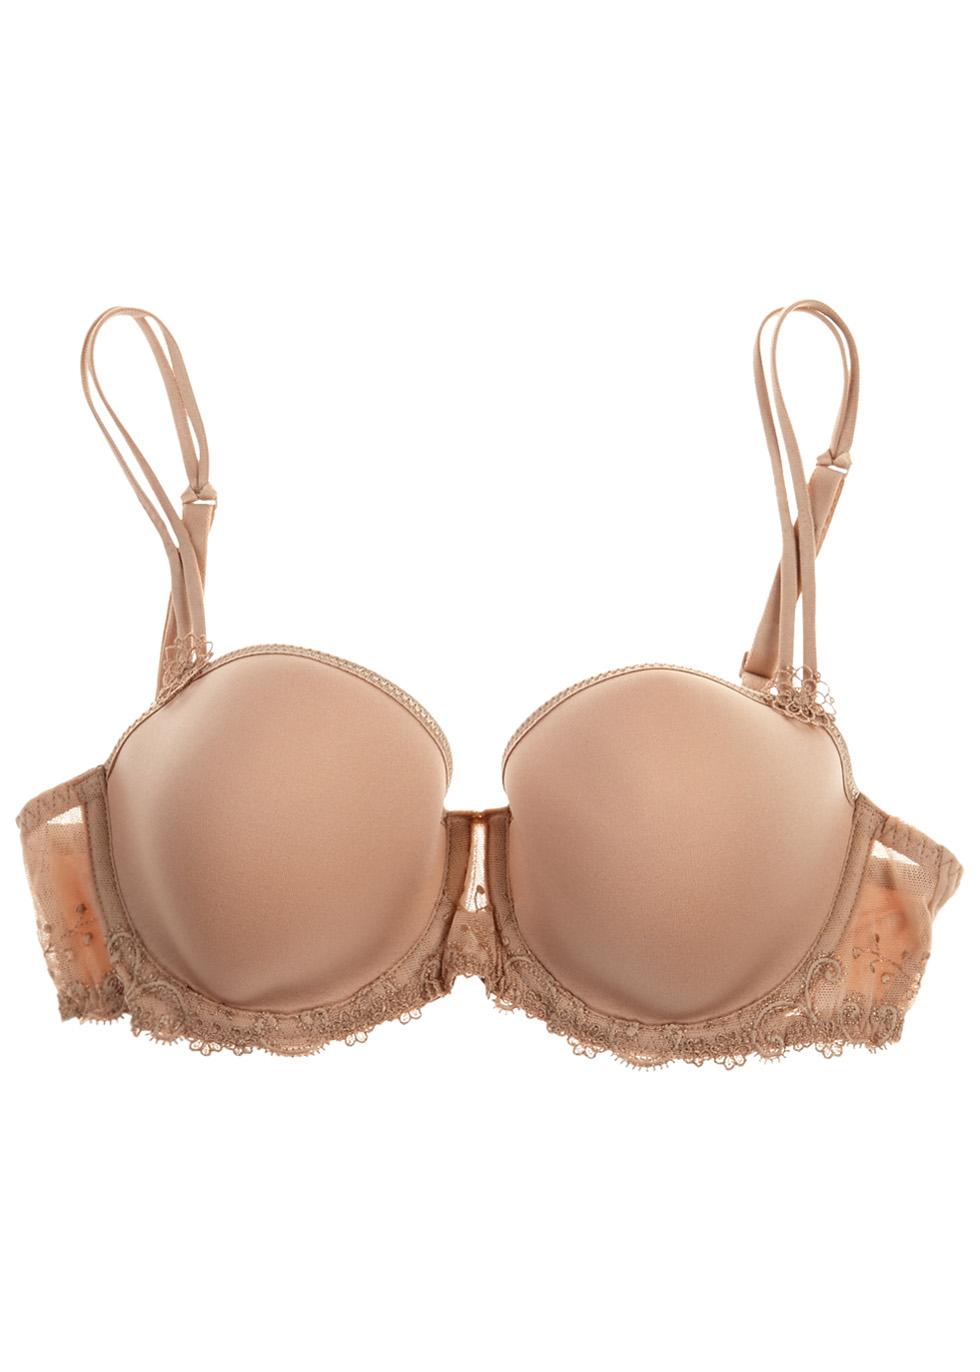 Delice 3D blush contour bra - Simone Pérèle